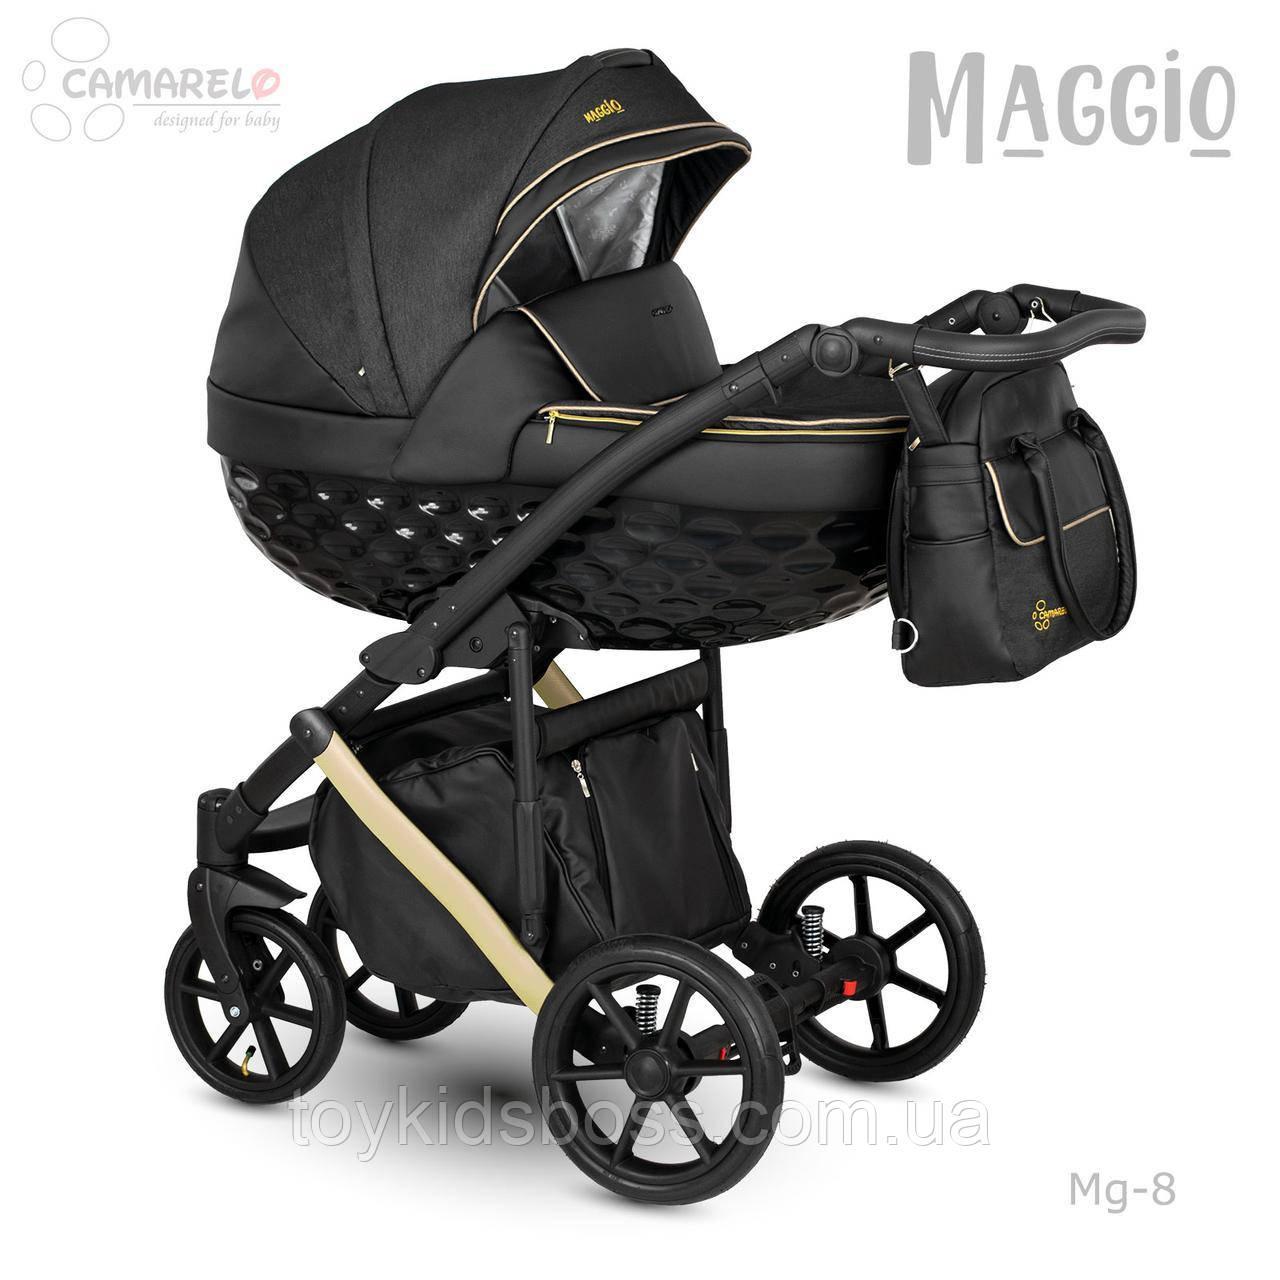 Детская коляска 2 в 1 Camarelo Maggio-08